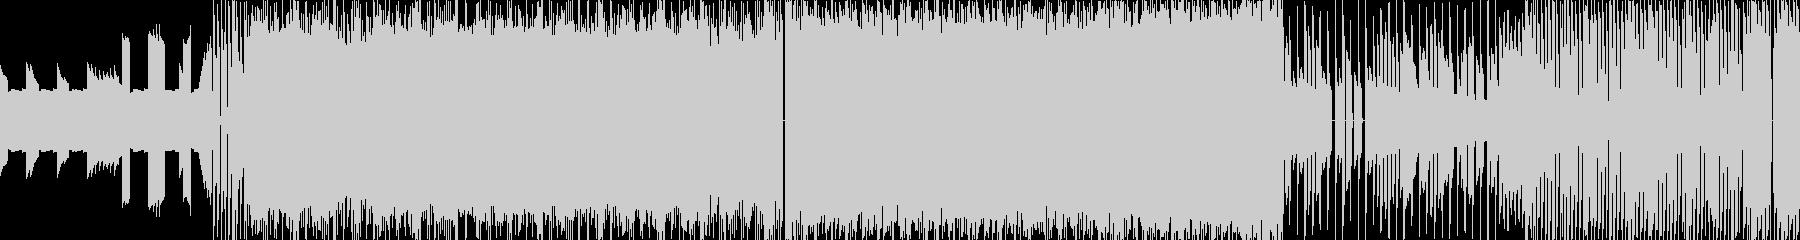 ボス戦8bitファミコンBGMループ仕様の未再生の波形